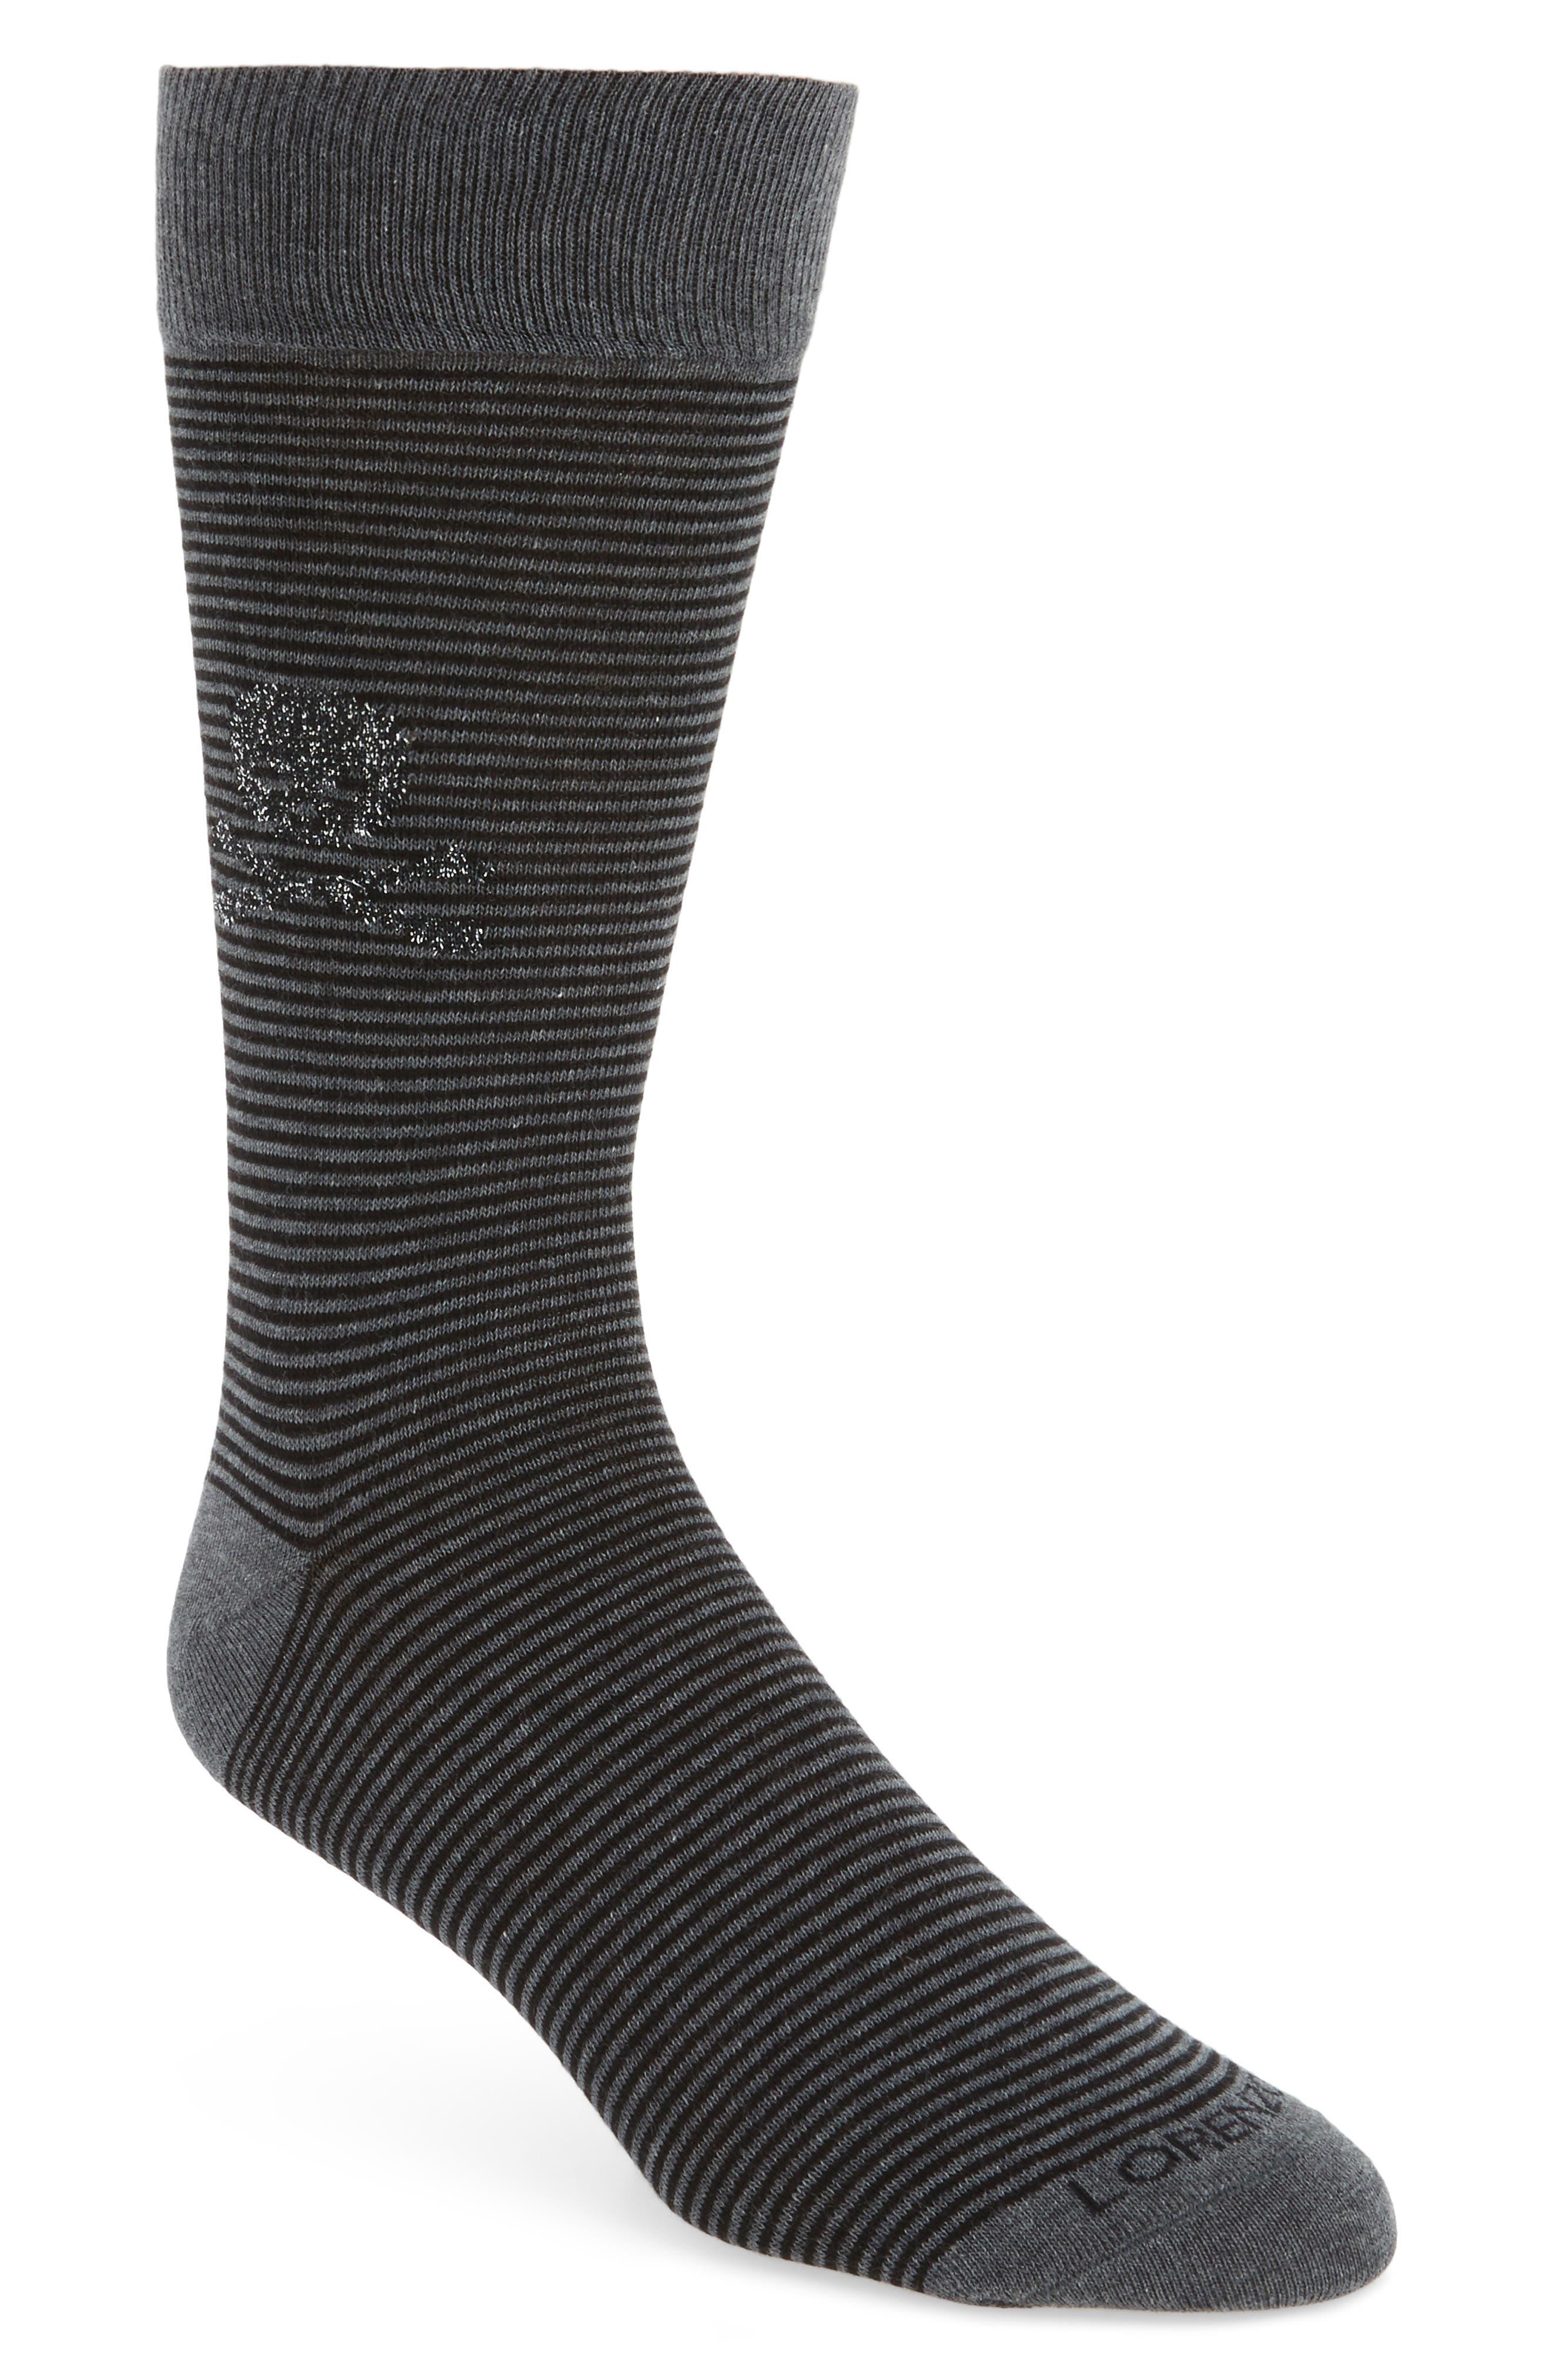 Millerighe Skull Socks,                         Main,                         color, Charcoal